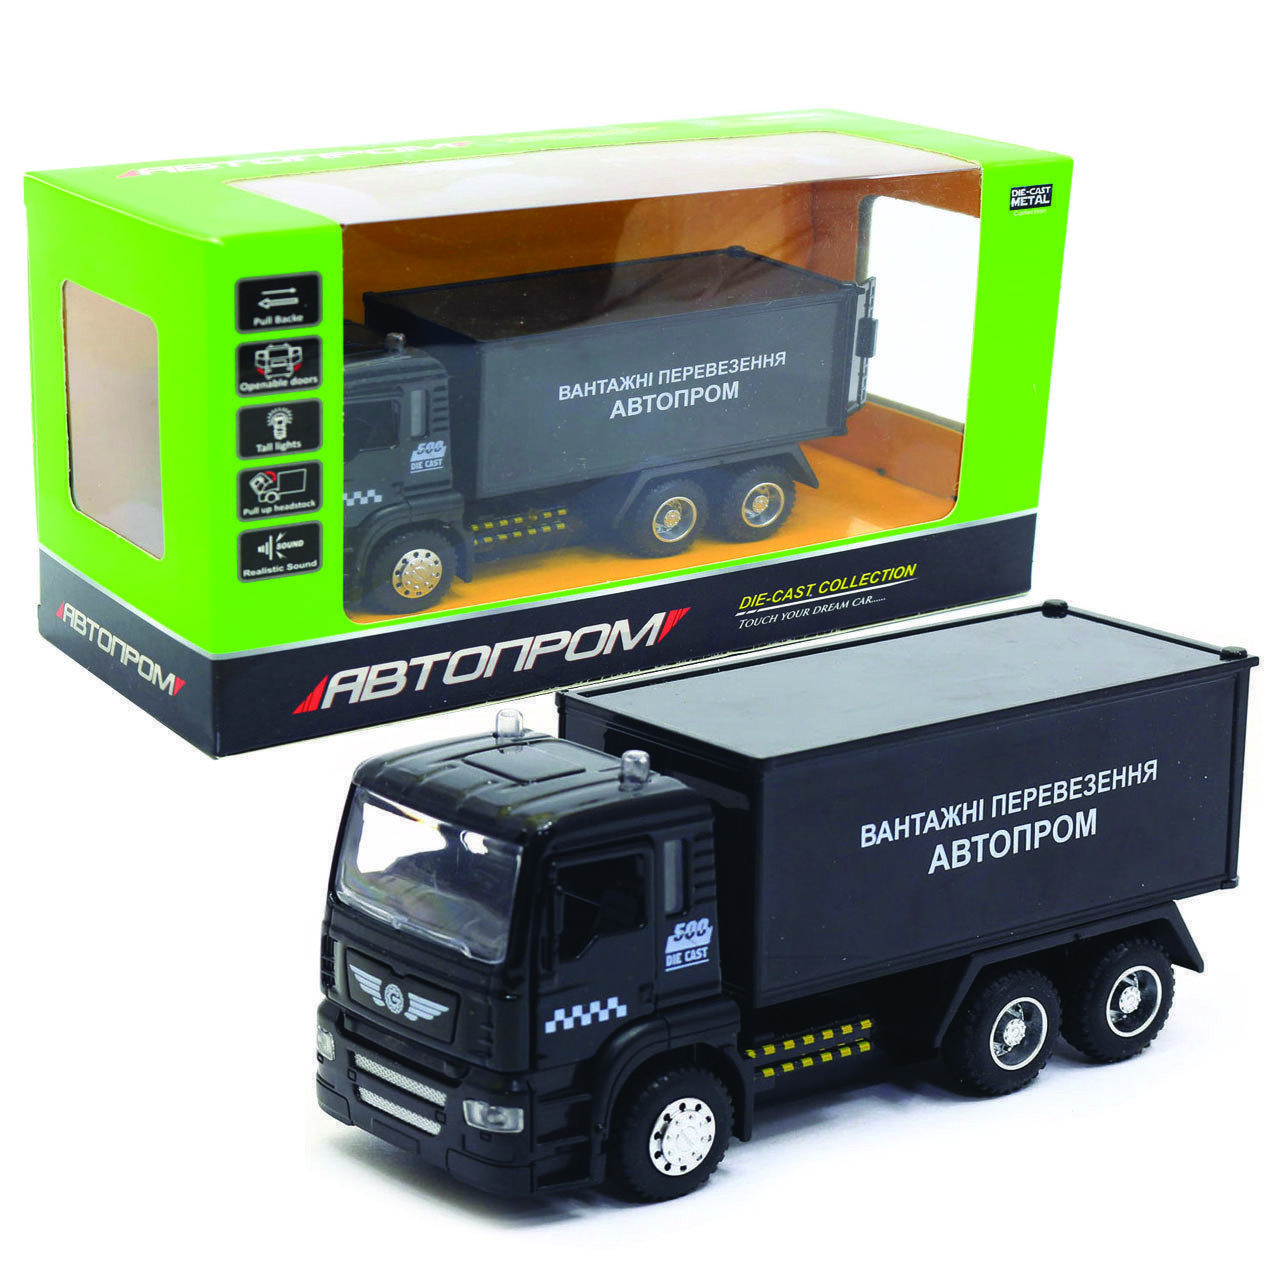 Машинка ігрова Автопром «Вантажні перевезення Автопром» Чорна зі світловими і звуковими ефектами (50013)